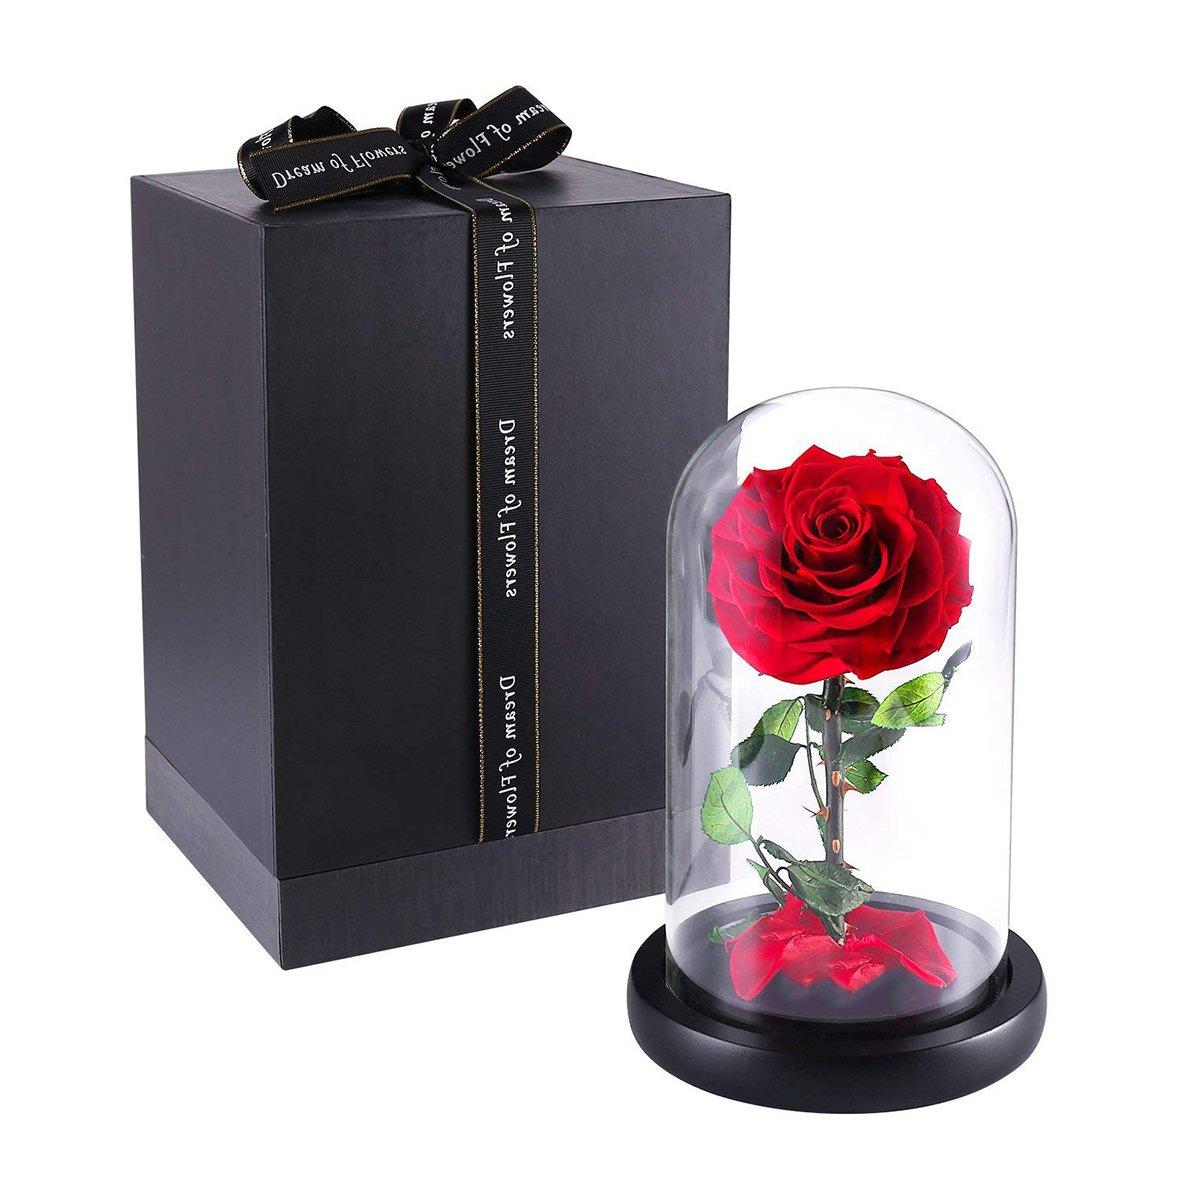 icheapローズ、手作りForever花、美女と野獣ローズwith Fallen花びらwith高級ギフトボックスの誕生日、バレンタインの日、結婚式、記念日のガールフレンド、レディース、お母さん、妻 26 * 16 * 16cm レッド B07FR79N95 レッド